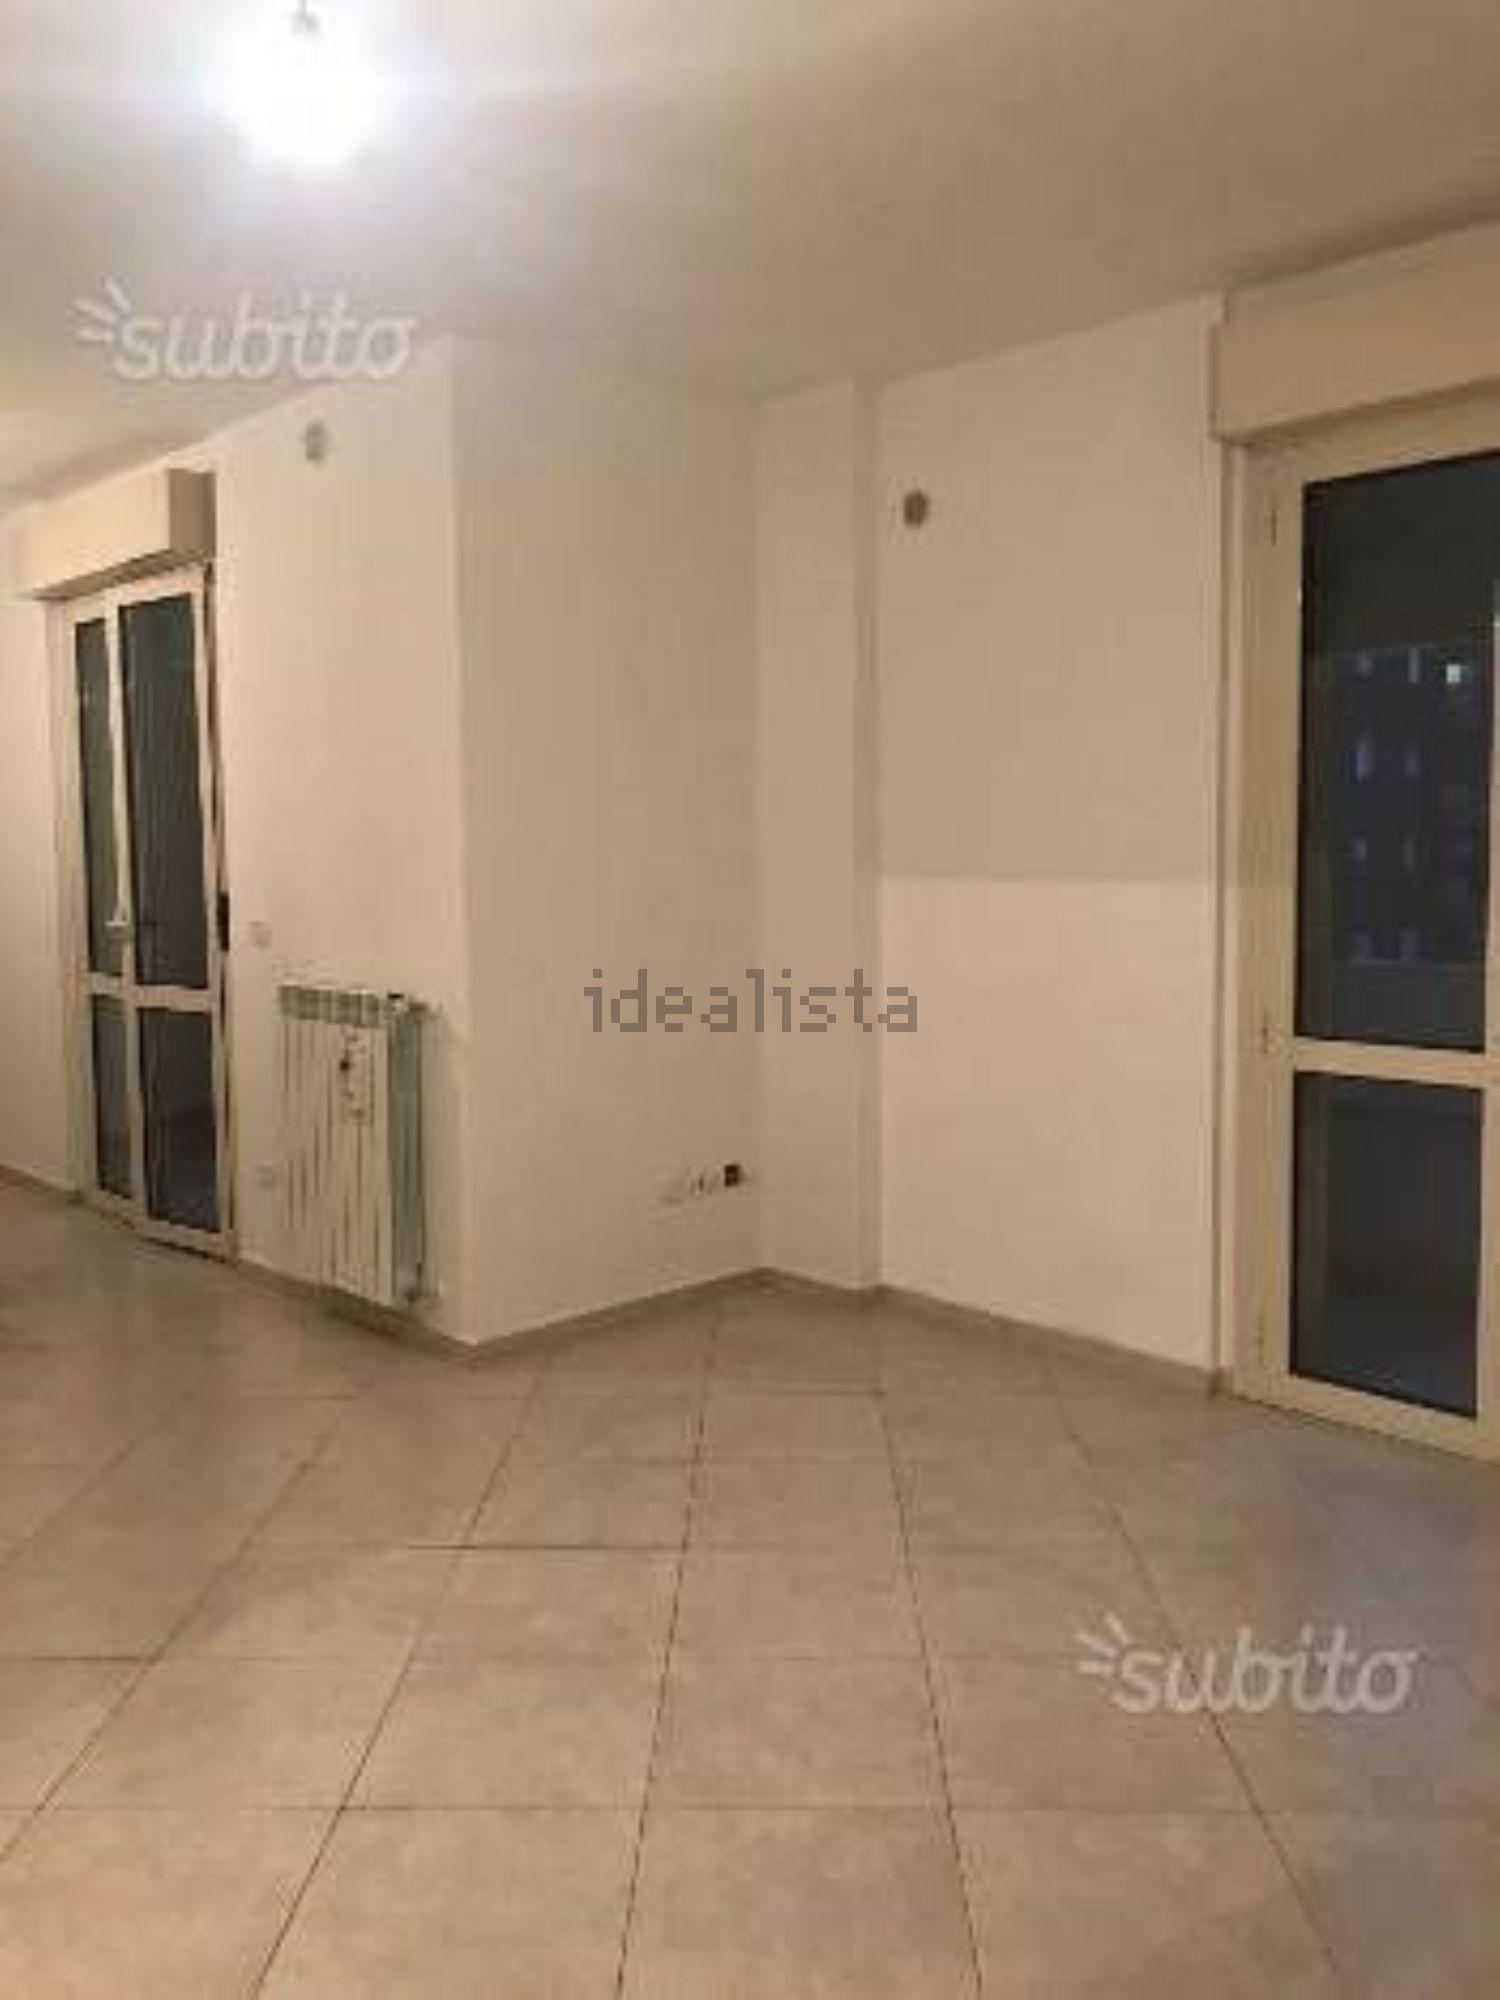 Appartamenti Affitto Termoli